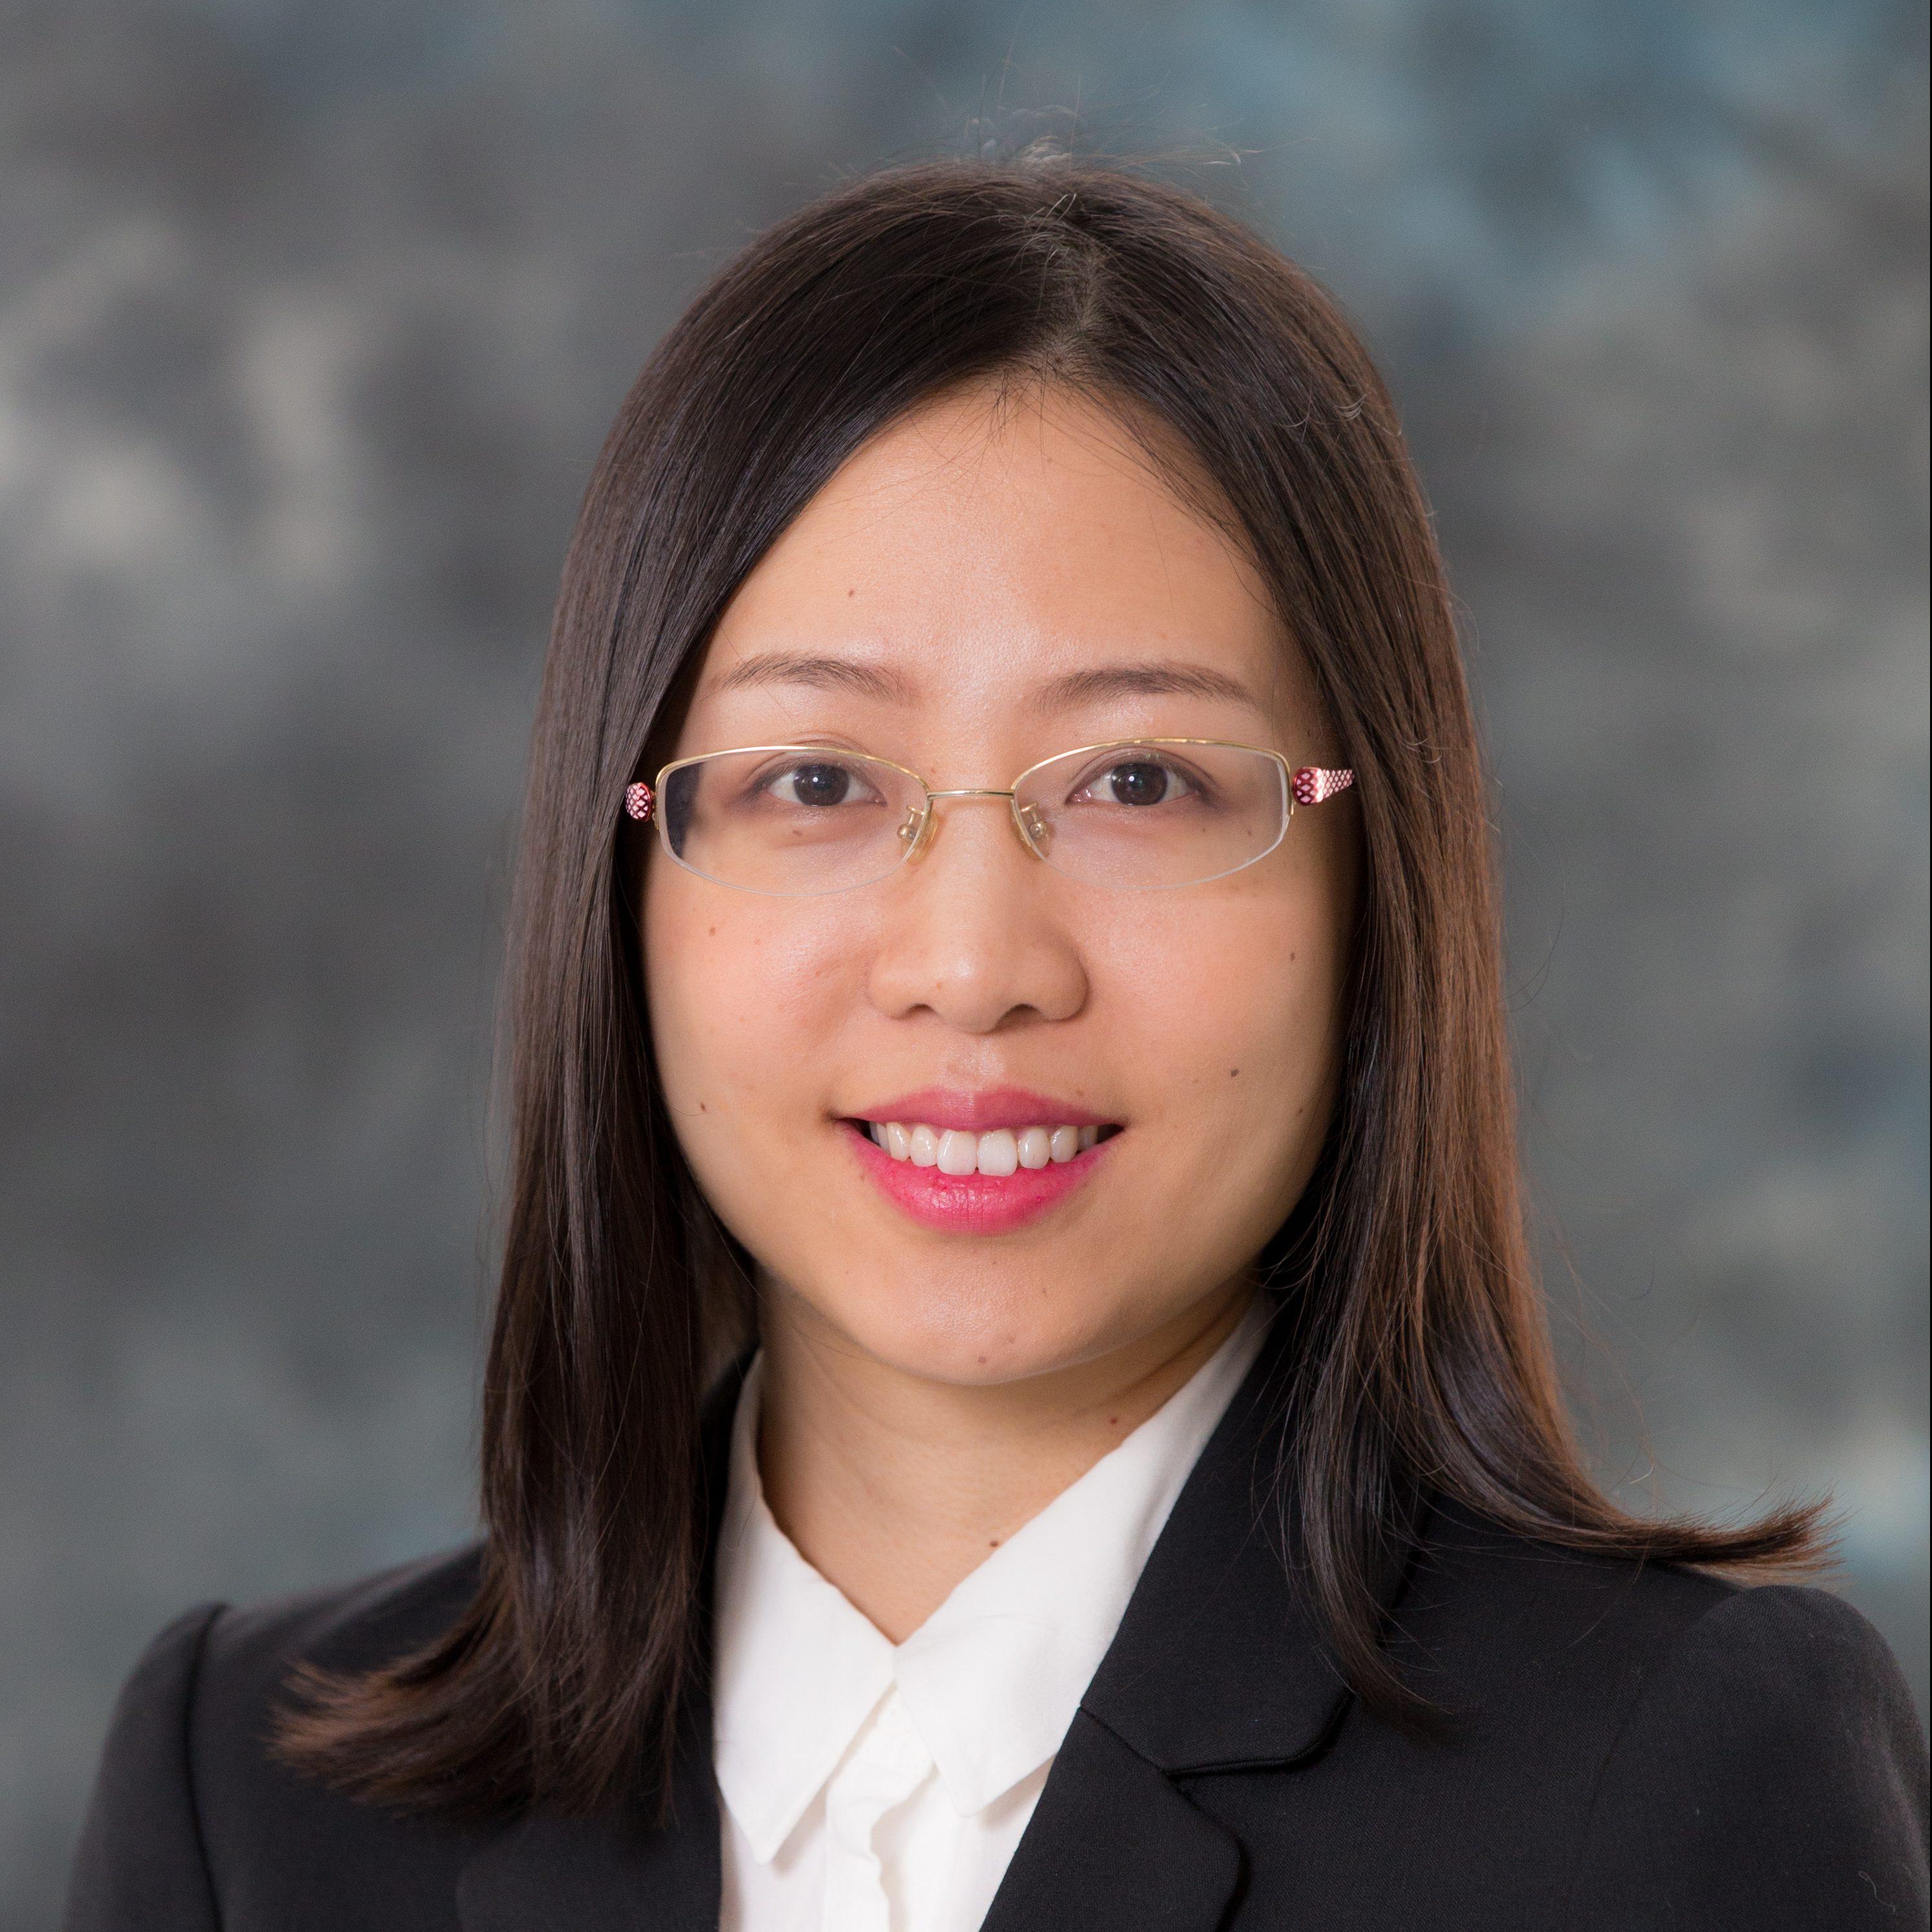 Xiaochen Xian profile picture